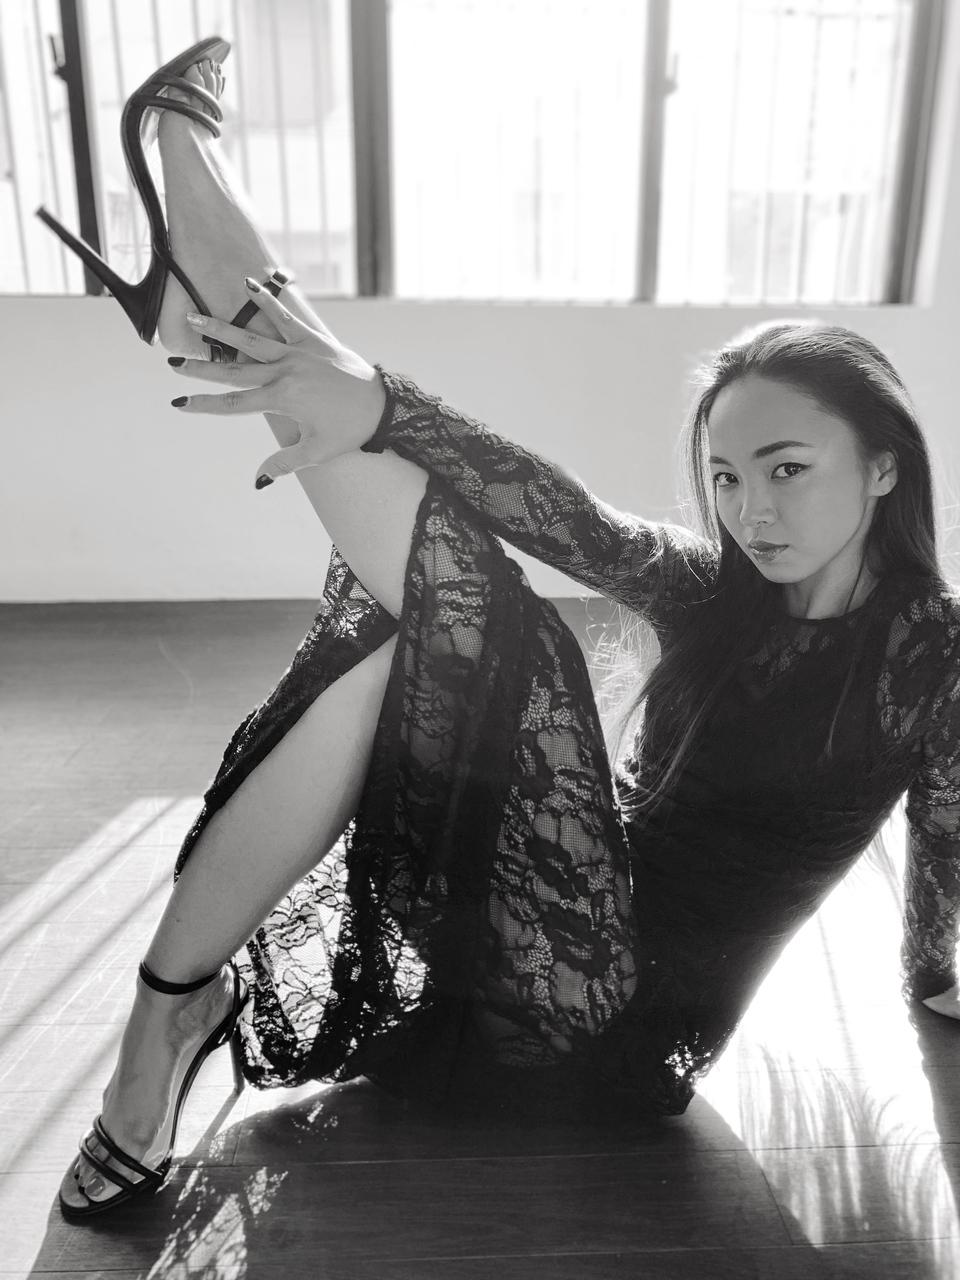 Heel Dance 大人のヒールダンスレッスン by Yuuki